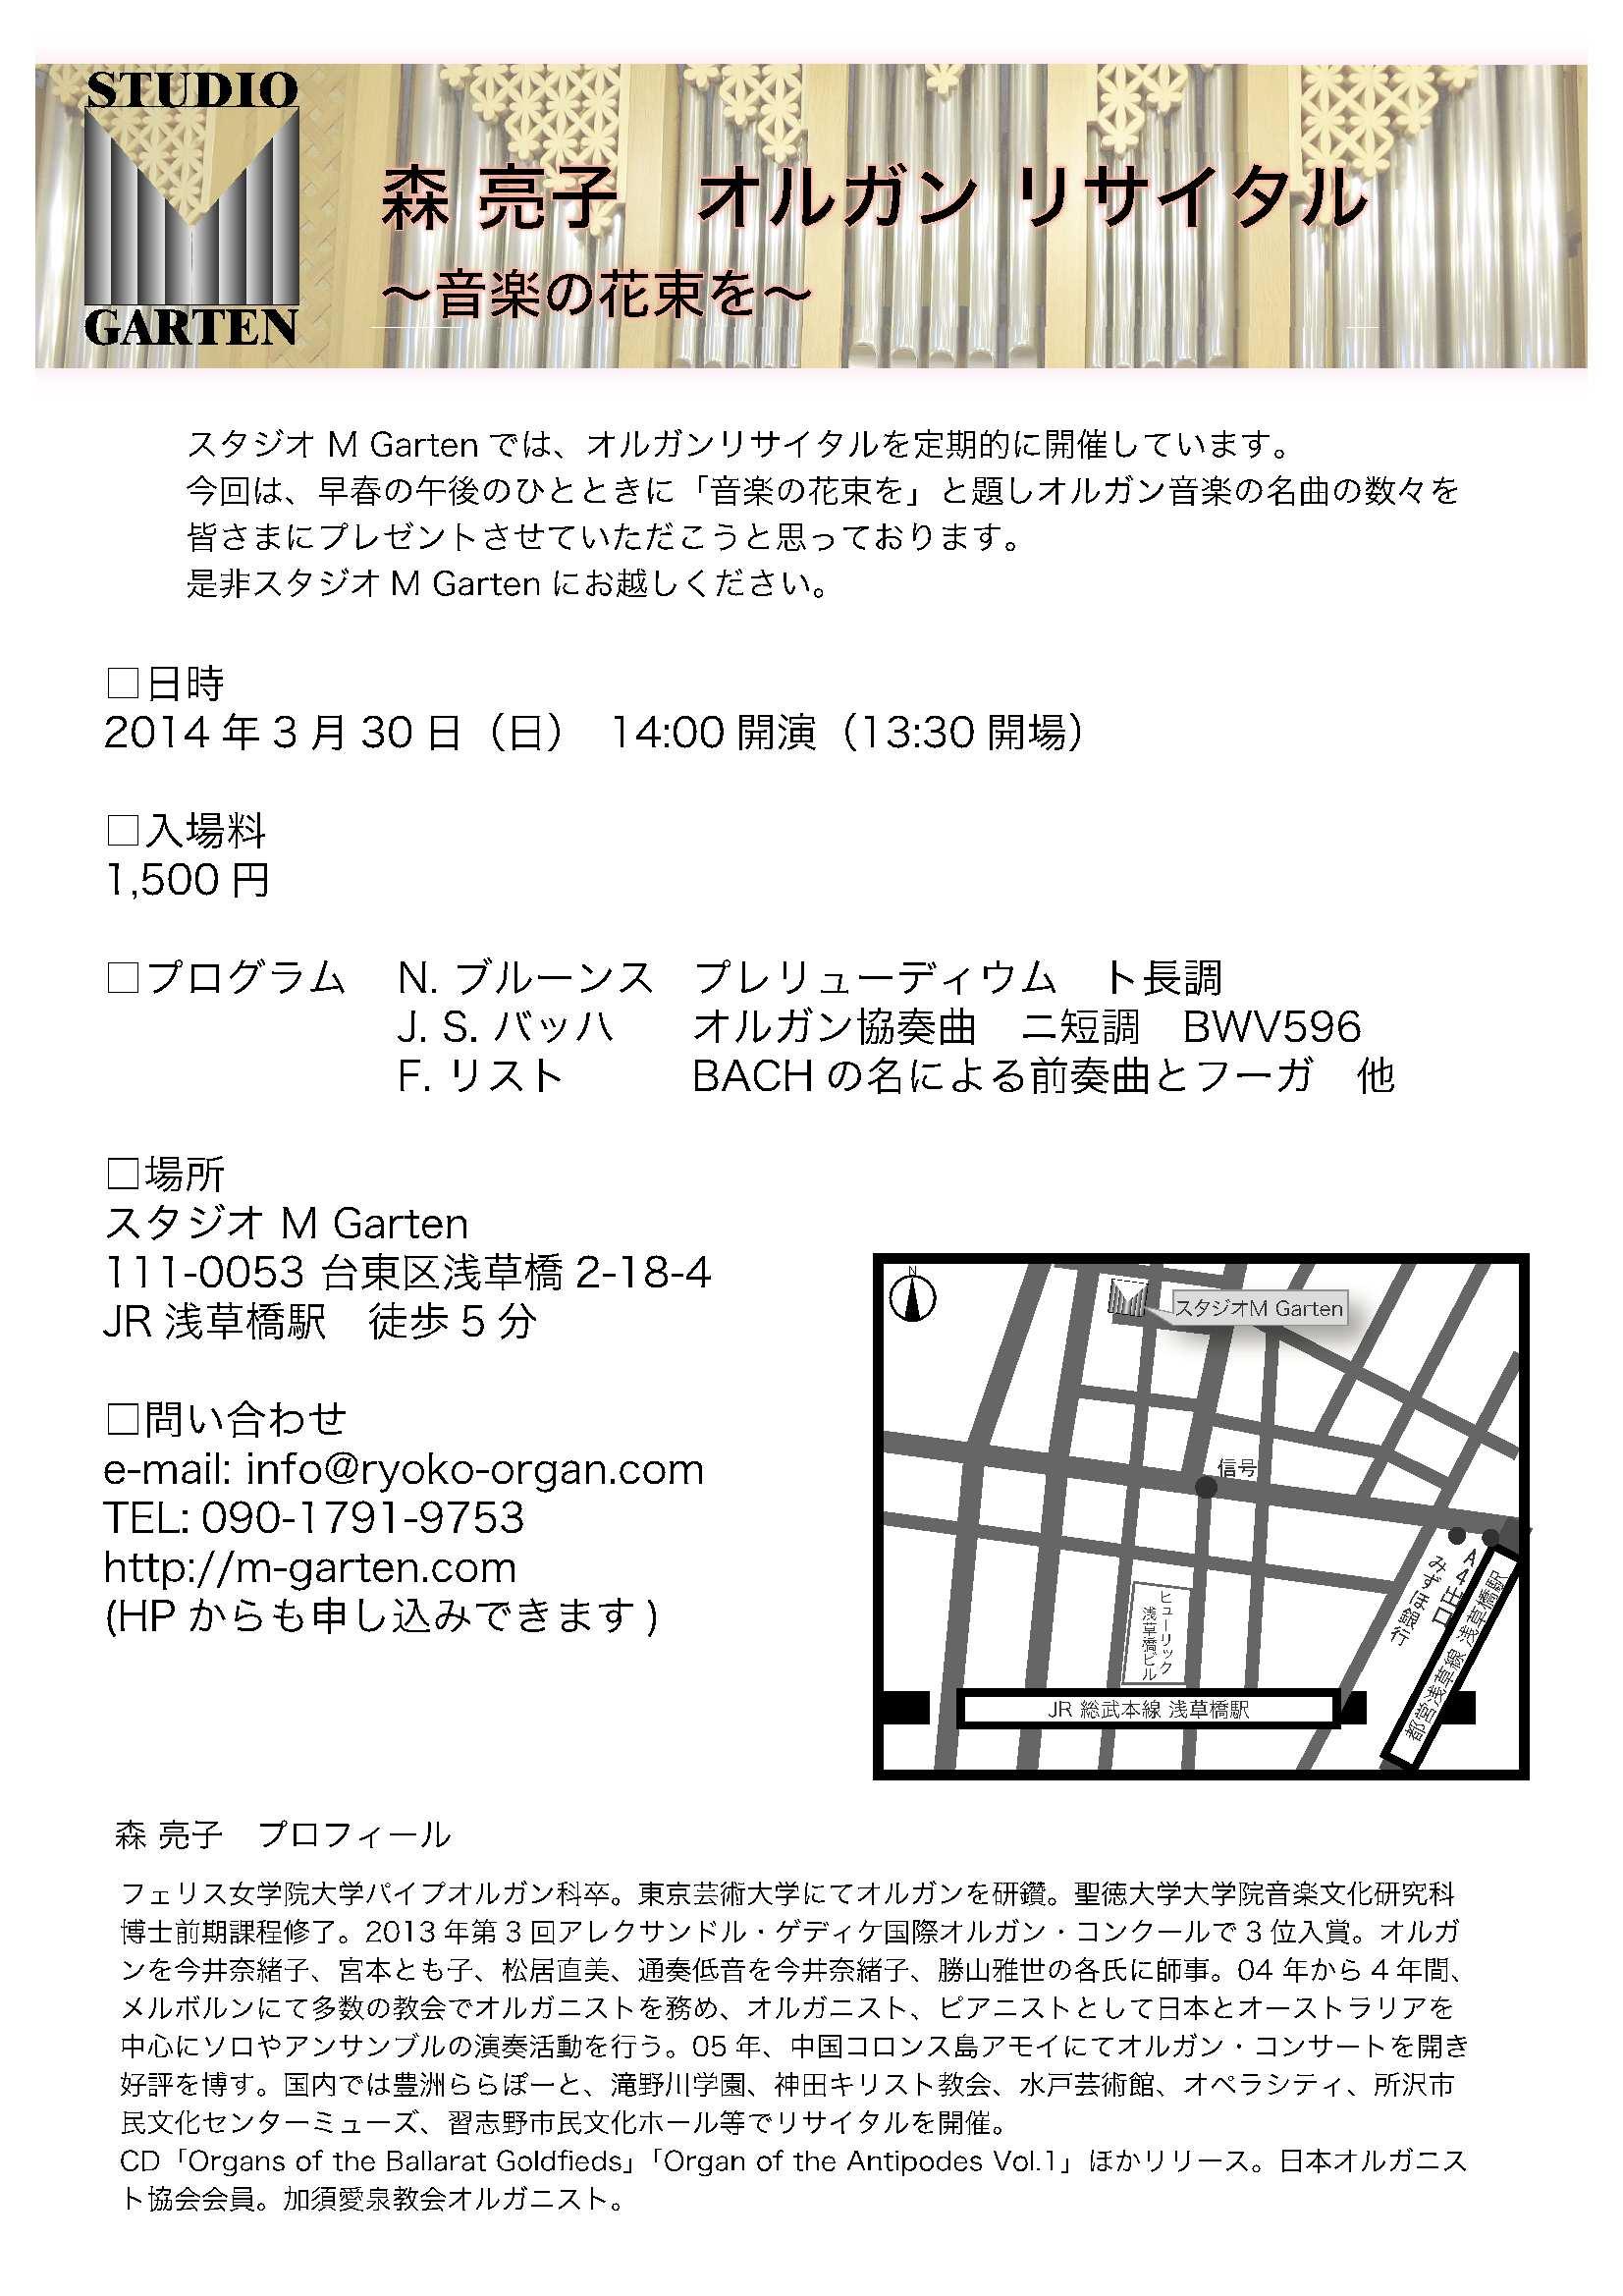 オルガンコンサート@スタジオM Garten_c0168178_20571552.jpg